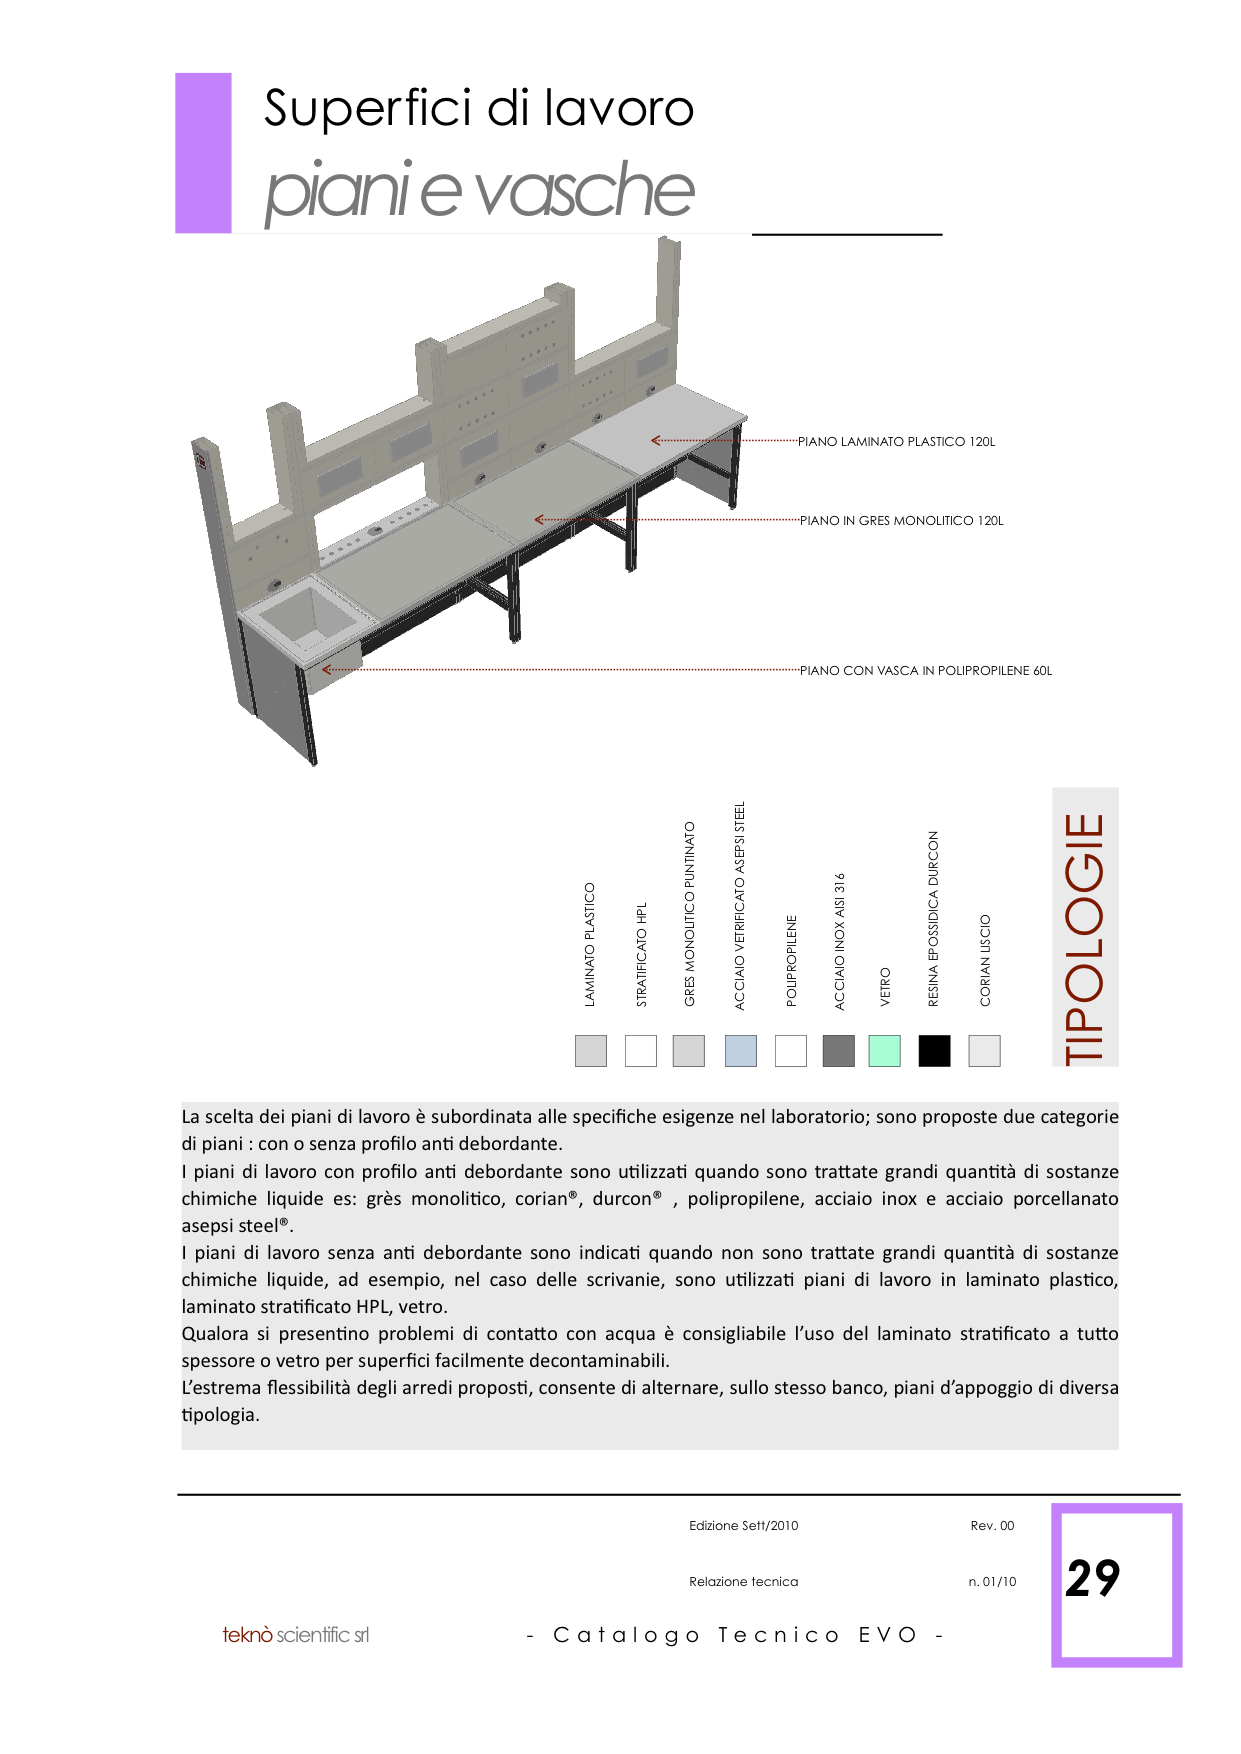 EVO Catalogo Tecnico Generale copia 29.png